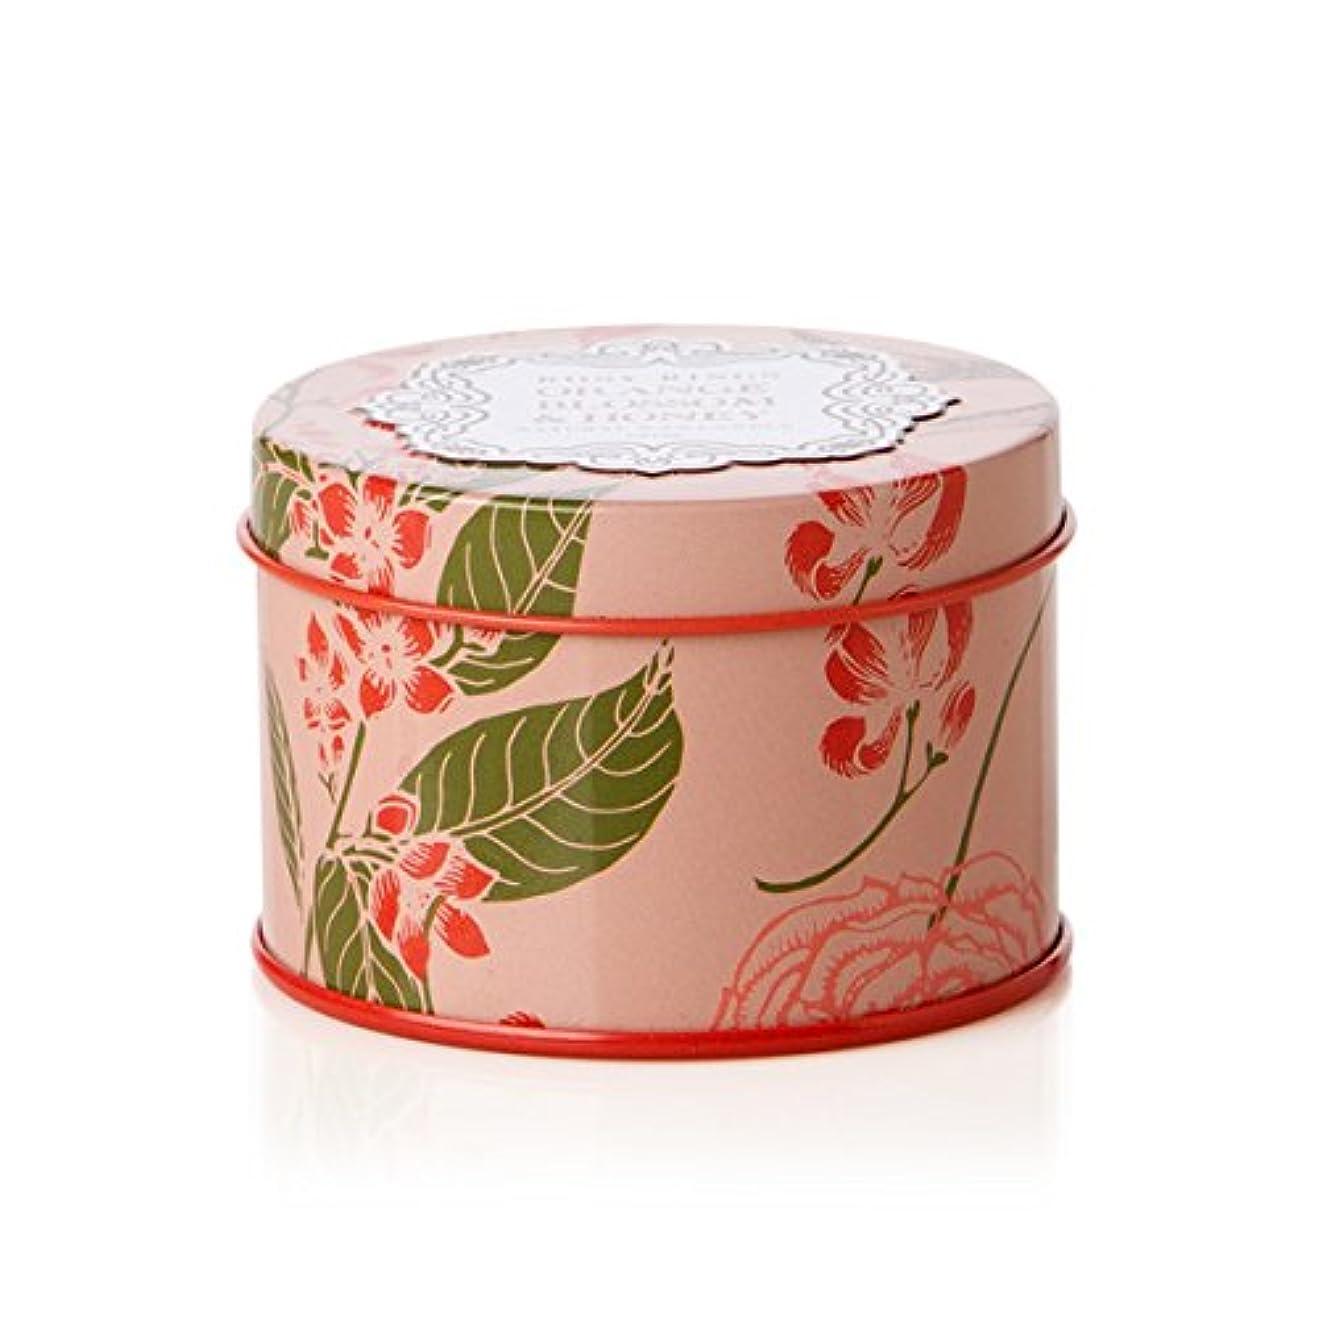 草回復する未接続ロージーリングス プティティンキャンドル オレンジブロッサム&ハニー ROSY RINGS Petite Tin Orange Blossom & Honey